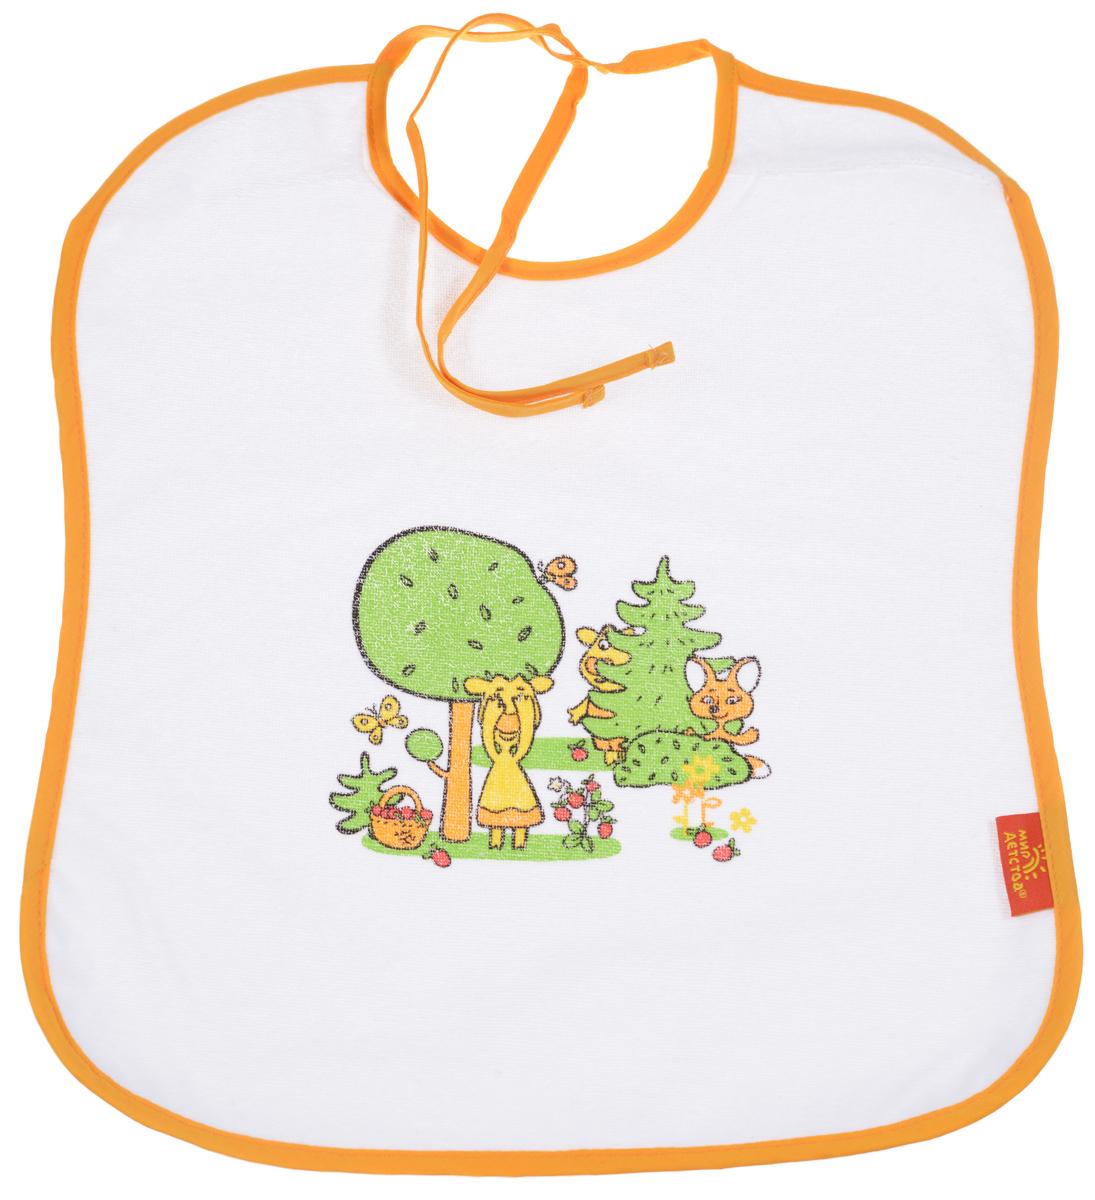 Мир детства Слюнявчик Коровкины истории цвет оранжевый15032_оранжевыйСлюнявчик Мир детства  - станет незаменимым атрибутом в уходе за вашим малышом. Нагрудник предназначен для малыша от 6 месяцев до 3 лет. Слюнявчик оформлен забавным изображением. Лицевая сторона изготовлена из мягкой ткани, подкладка - из непромокаемого материала, благодаря которому одежда вашего малыша будет оставаться сухой и чистой. С помощью завязок слюнявчик фиксируется на шее ребенка. Уход: стирка в теплой воде с мылом, мыльным порошком или специальной эмульсией для стирки детских вещей.